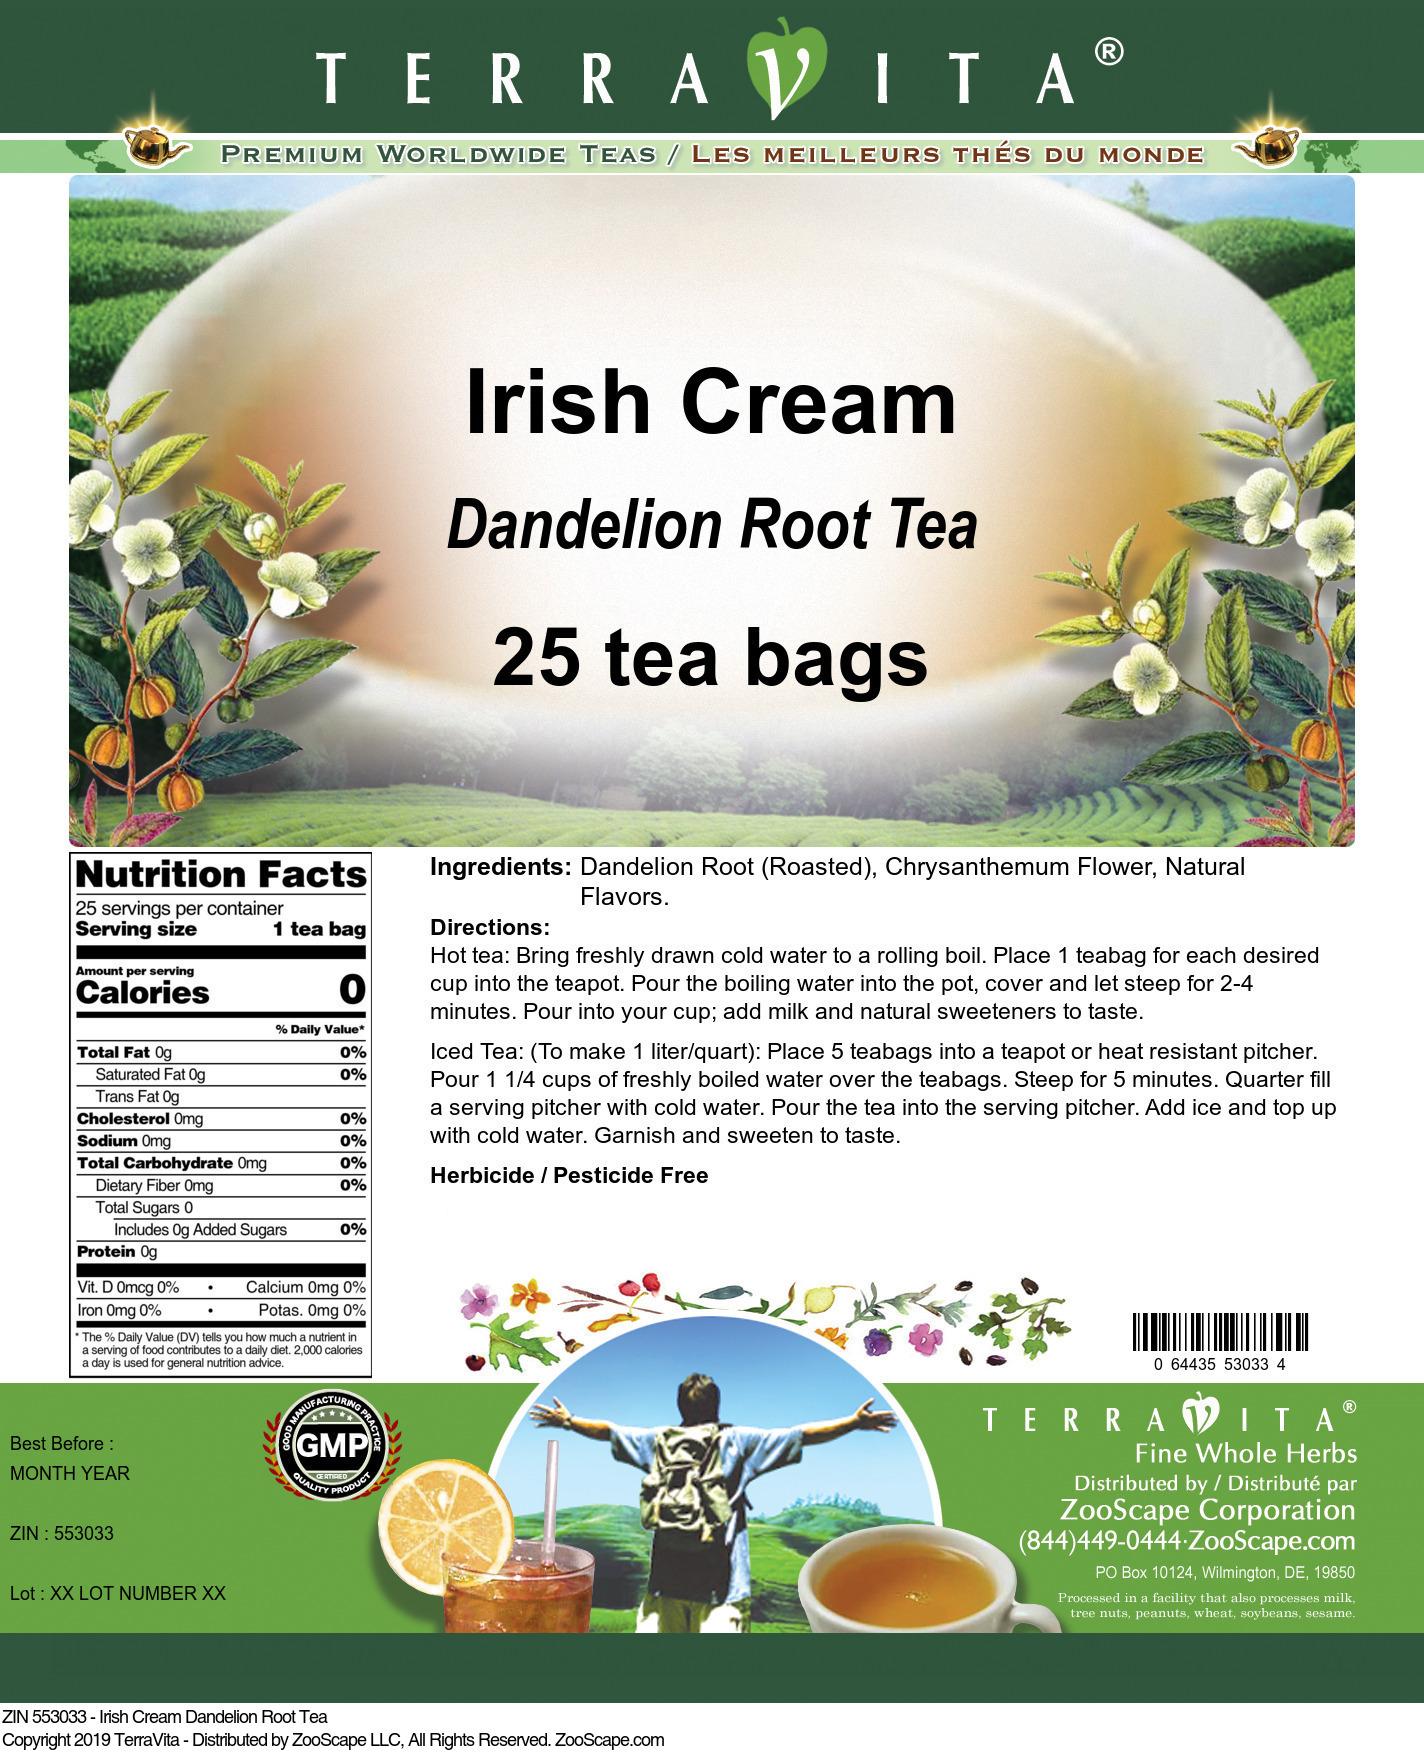 Irish Cream Dandelion Root